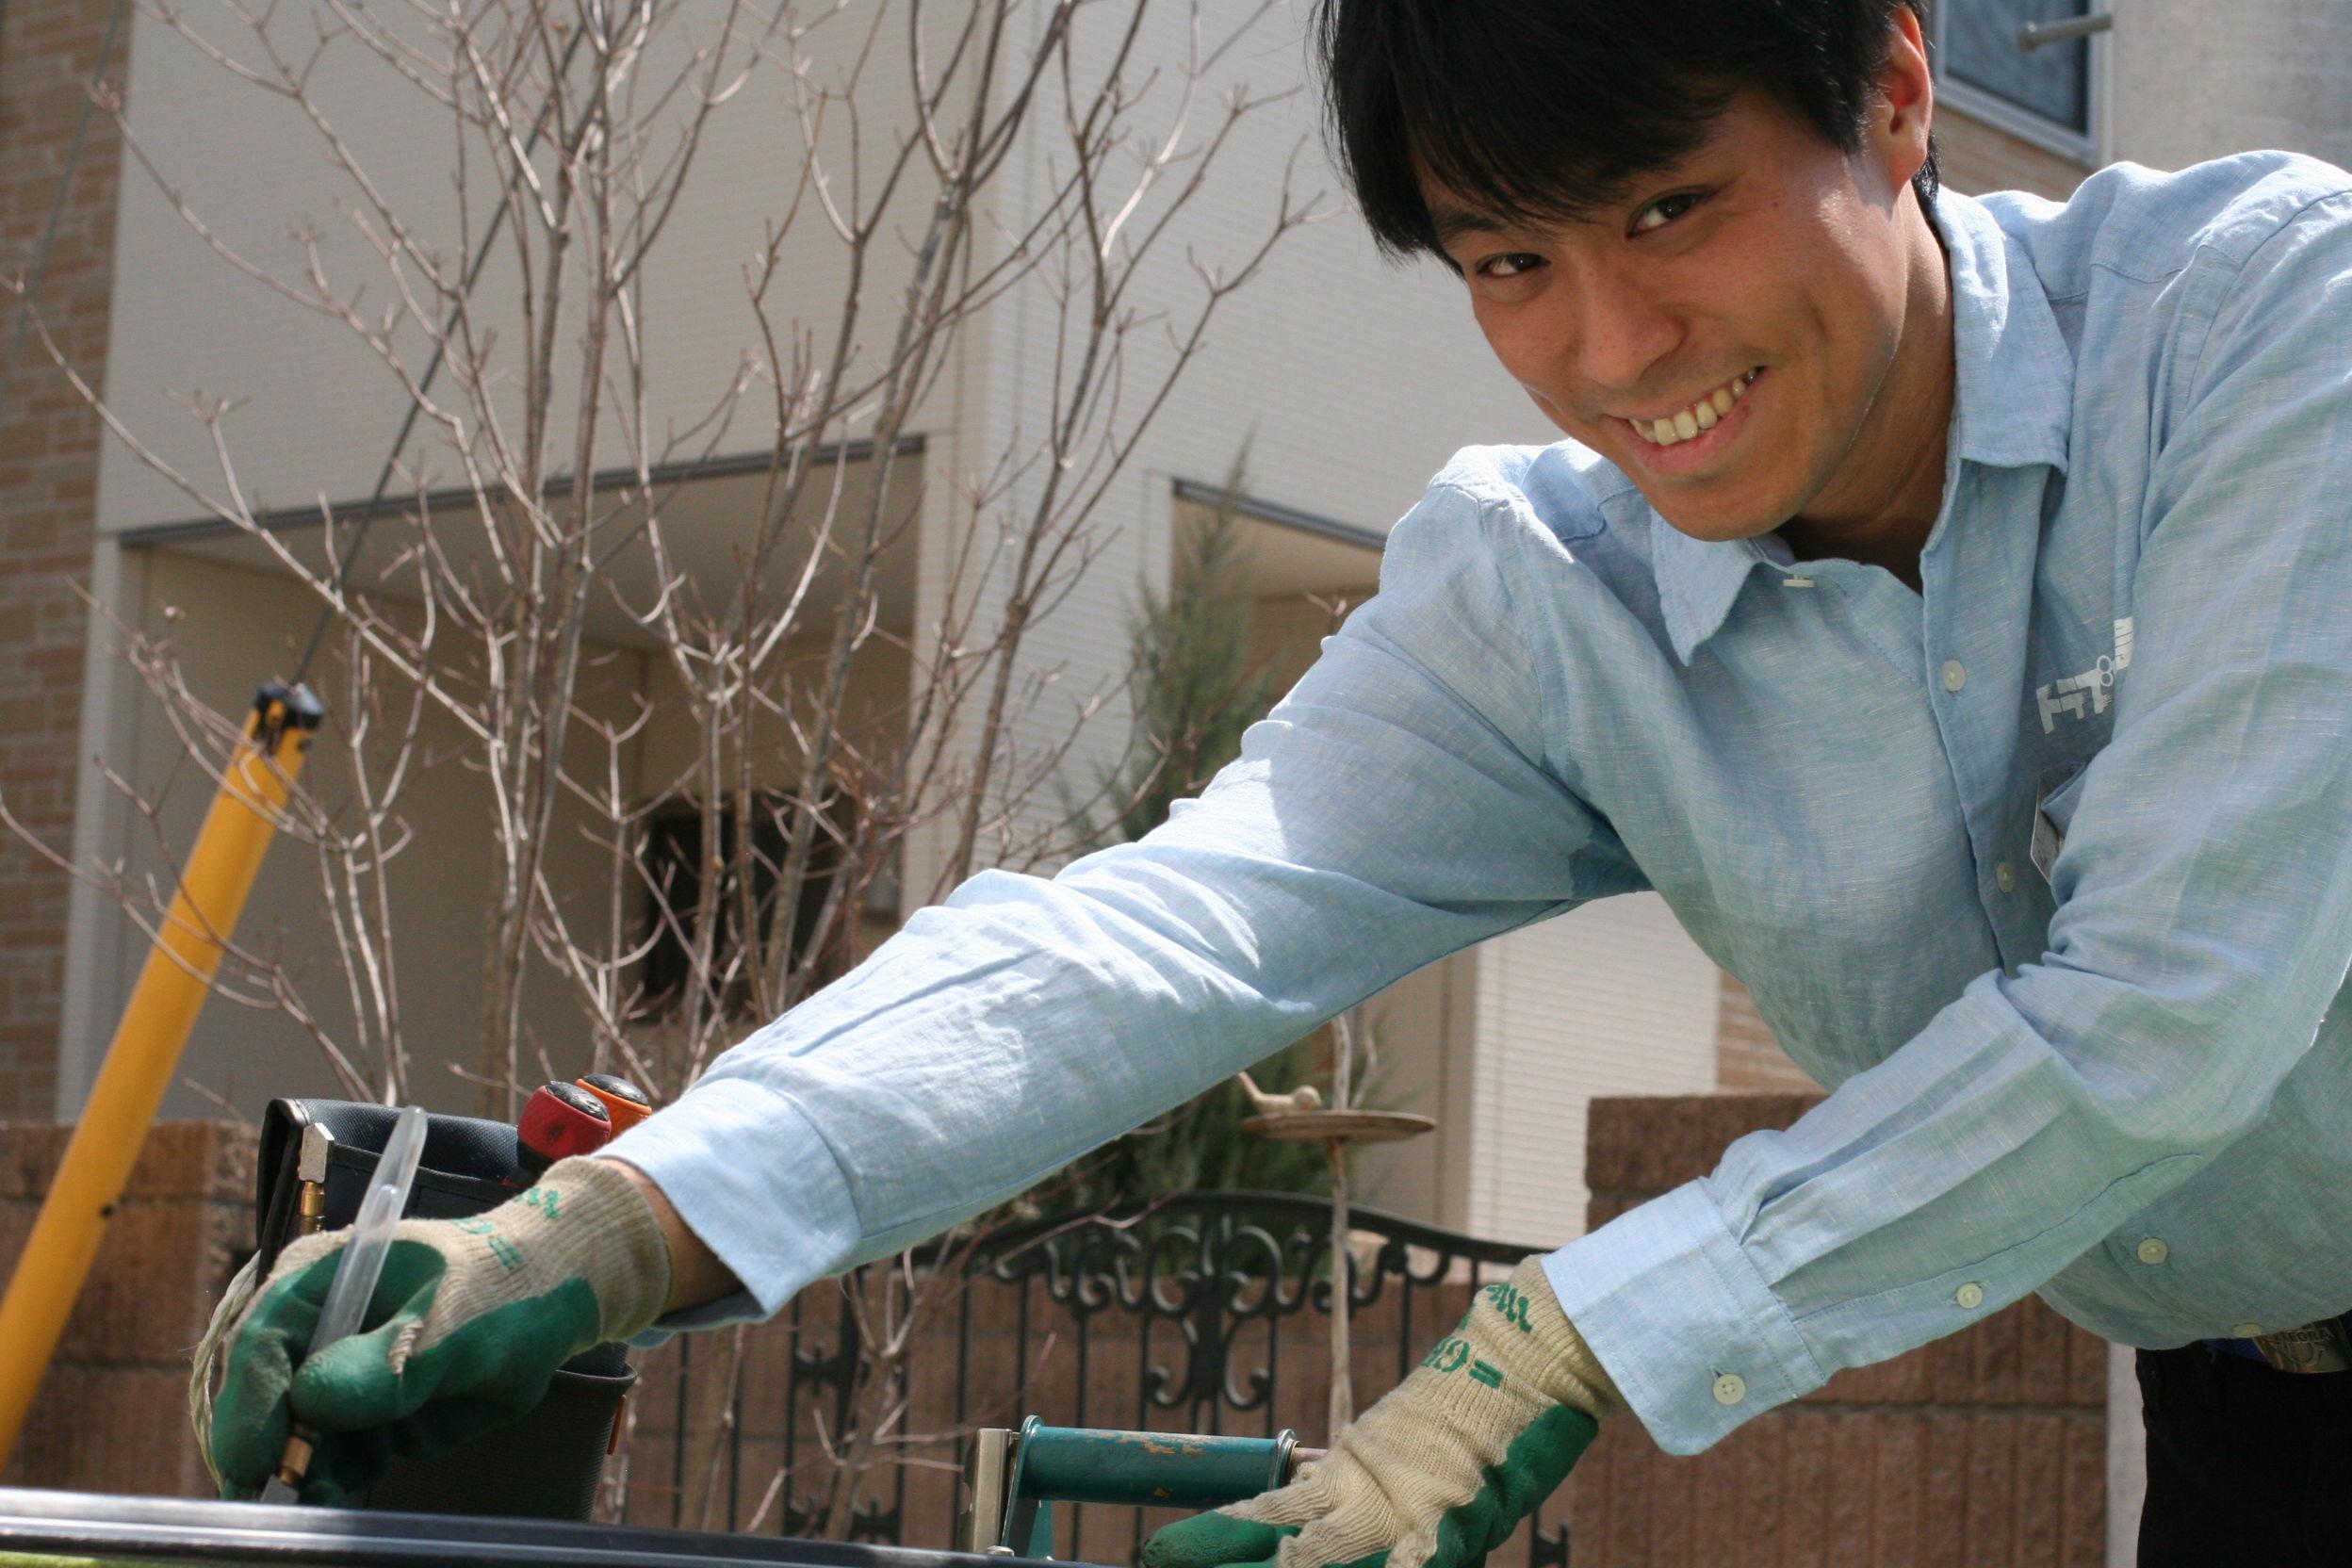 ガラスのトラブル救Q隊.24【西東京市 出張エリア】の店内・外観画像2